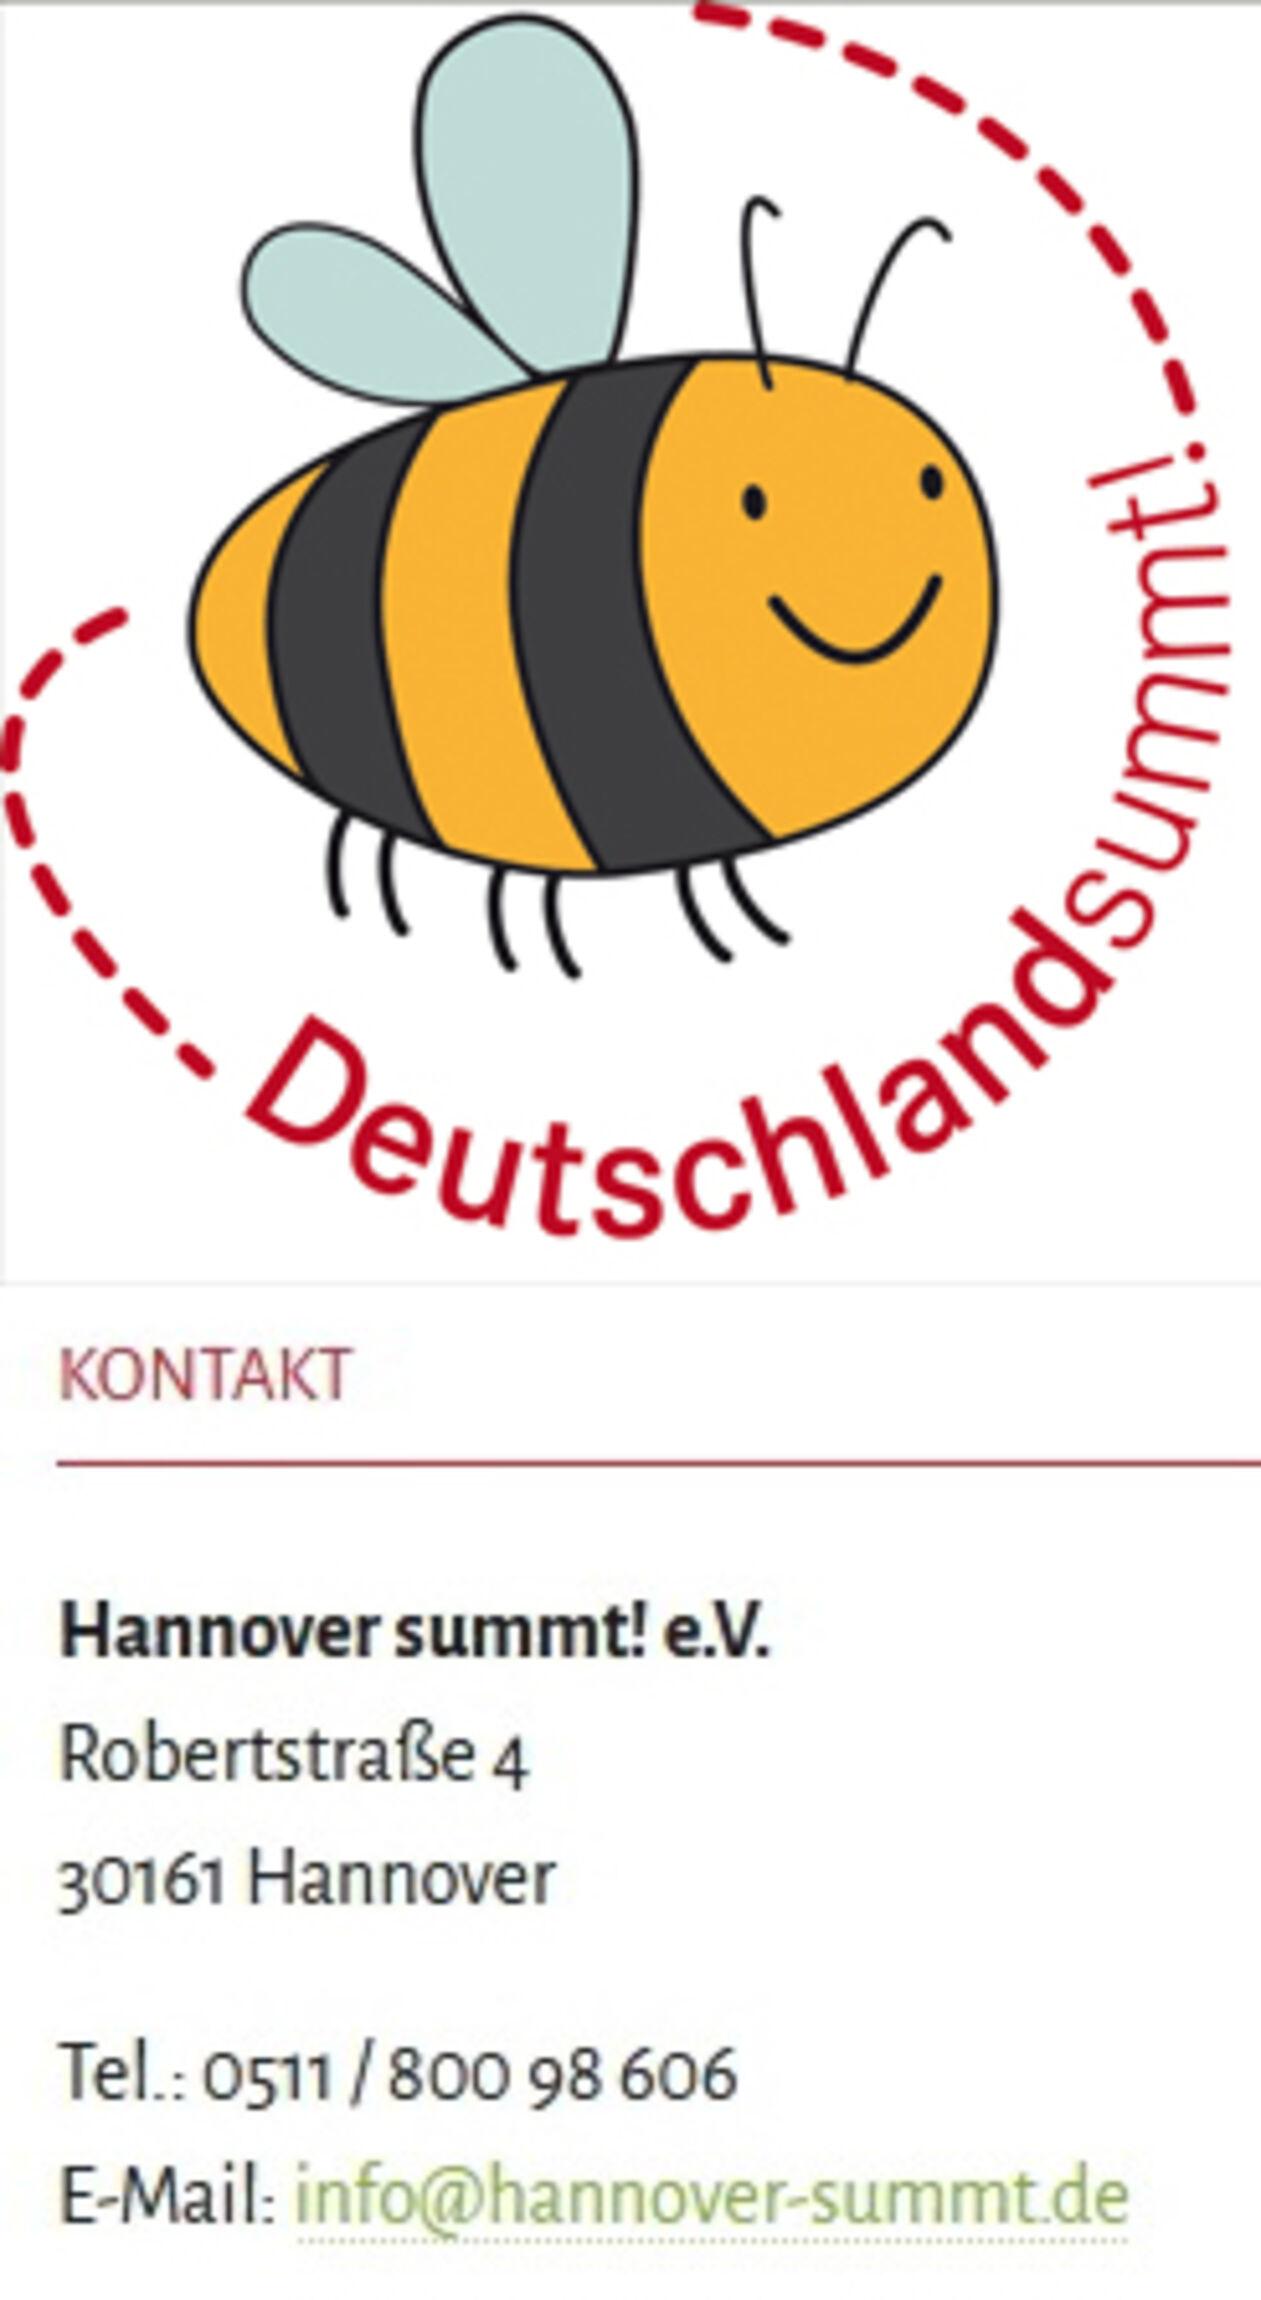 Hannover summt - Logo & Adresse